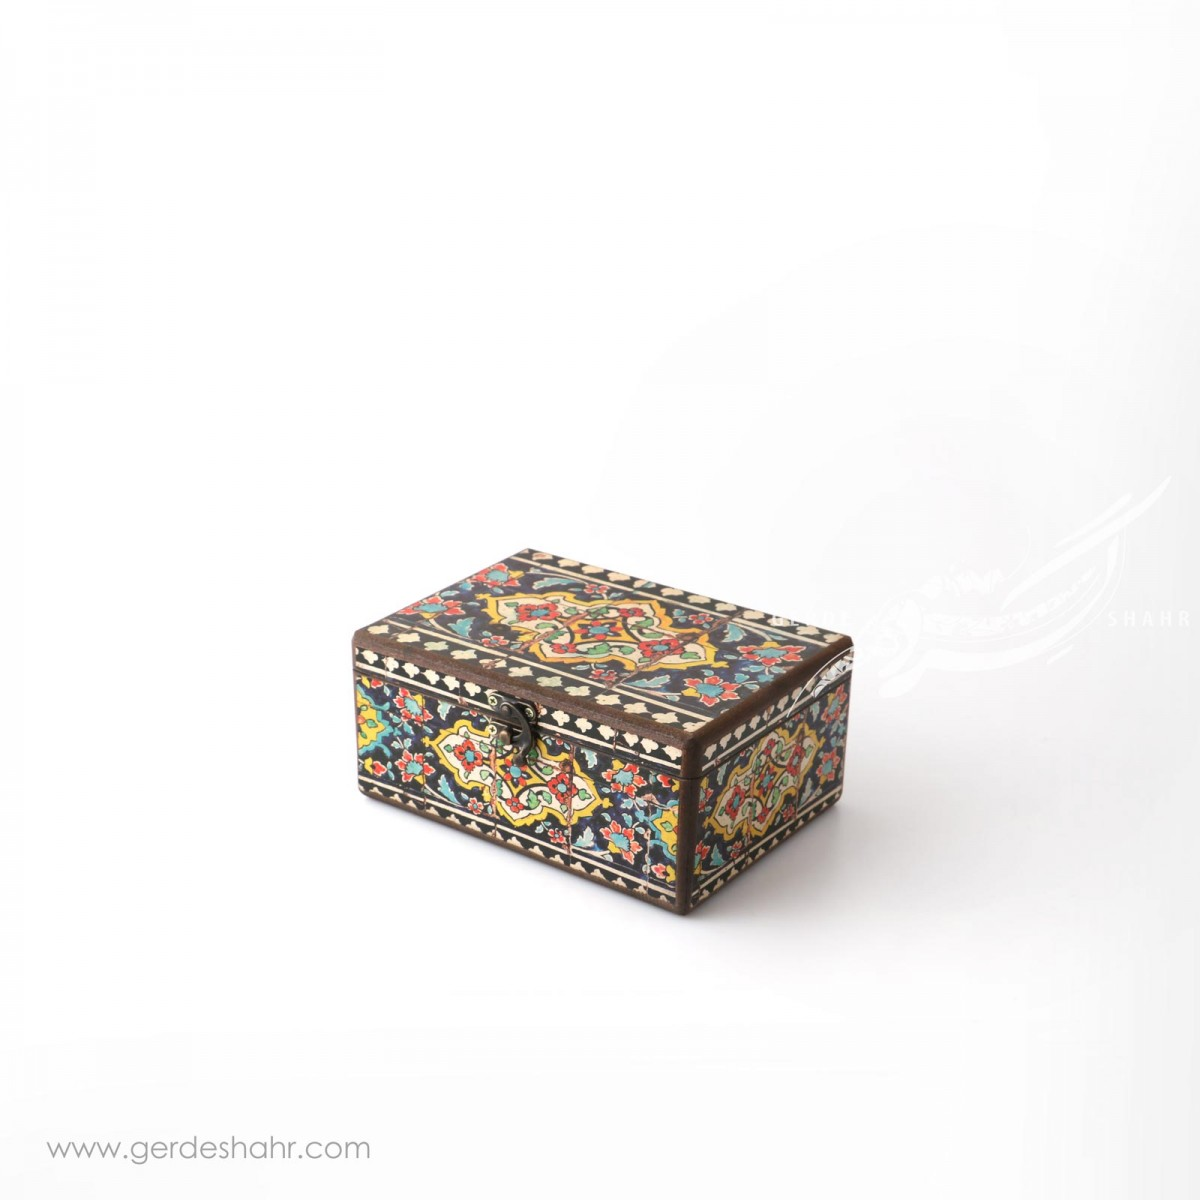 جعبه چوبی نقش کاشی سایز 15*20 هفتگان اکسسوری